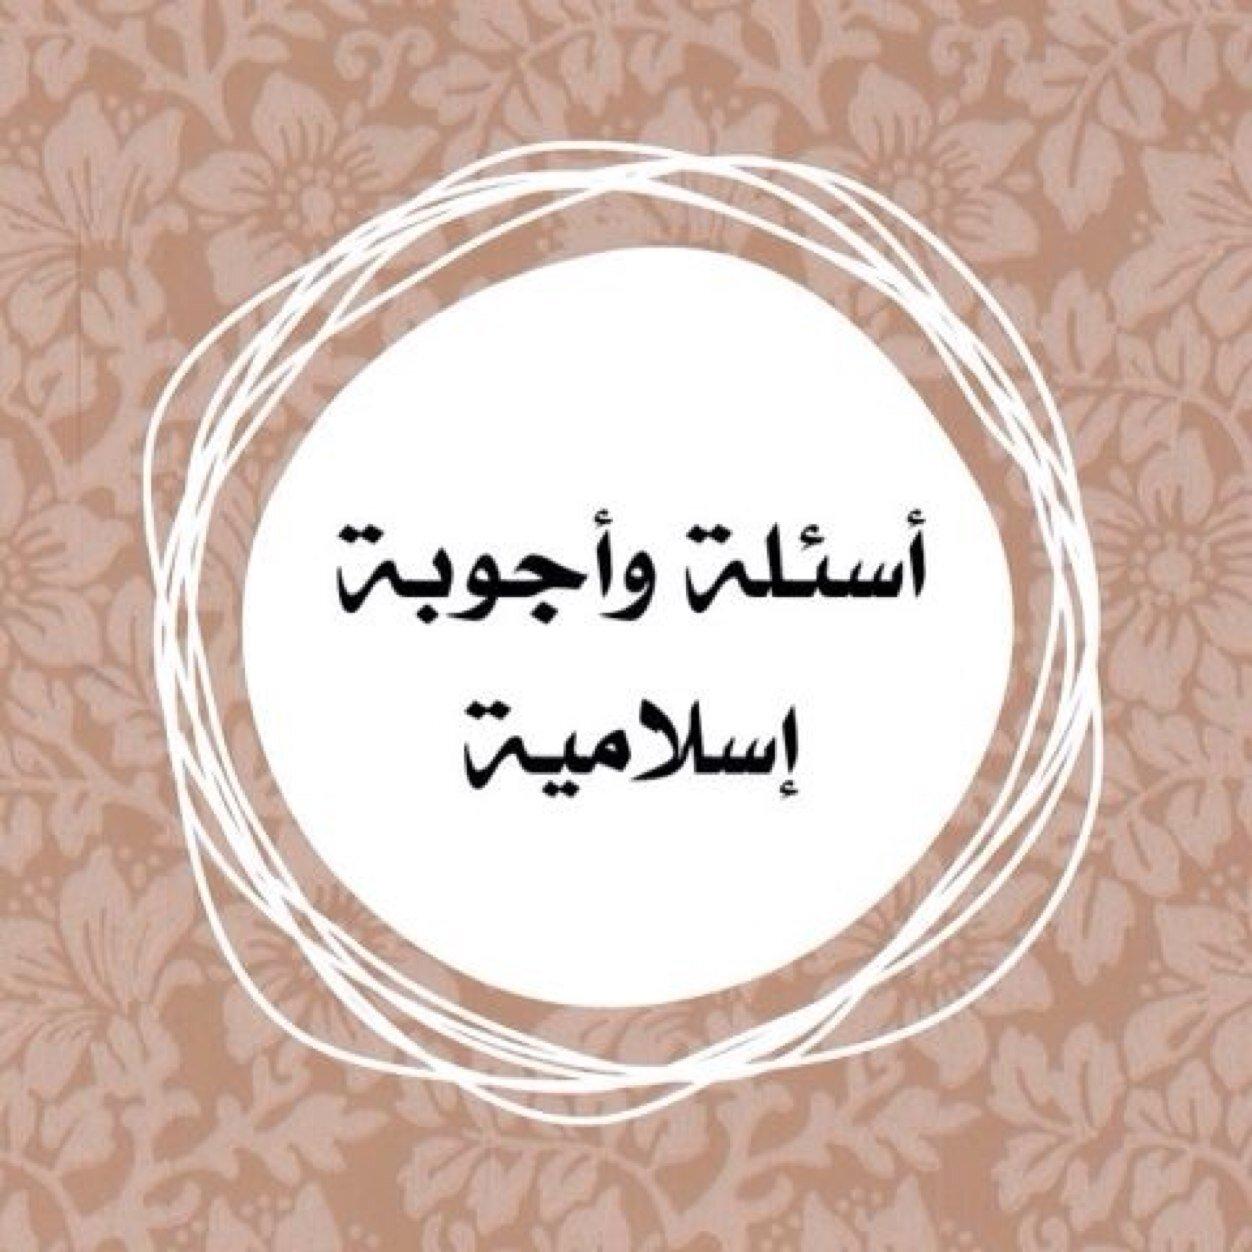 أسئلة وأجوبة في صلاة العيدين